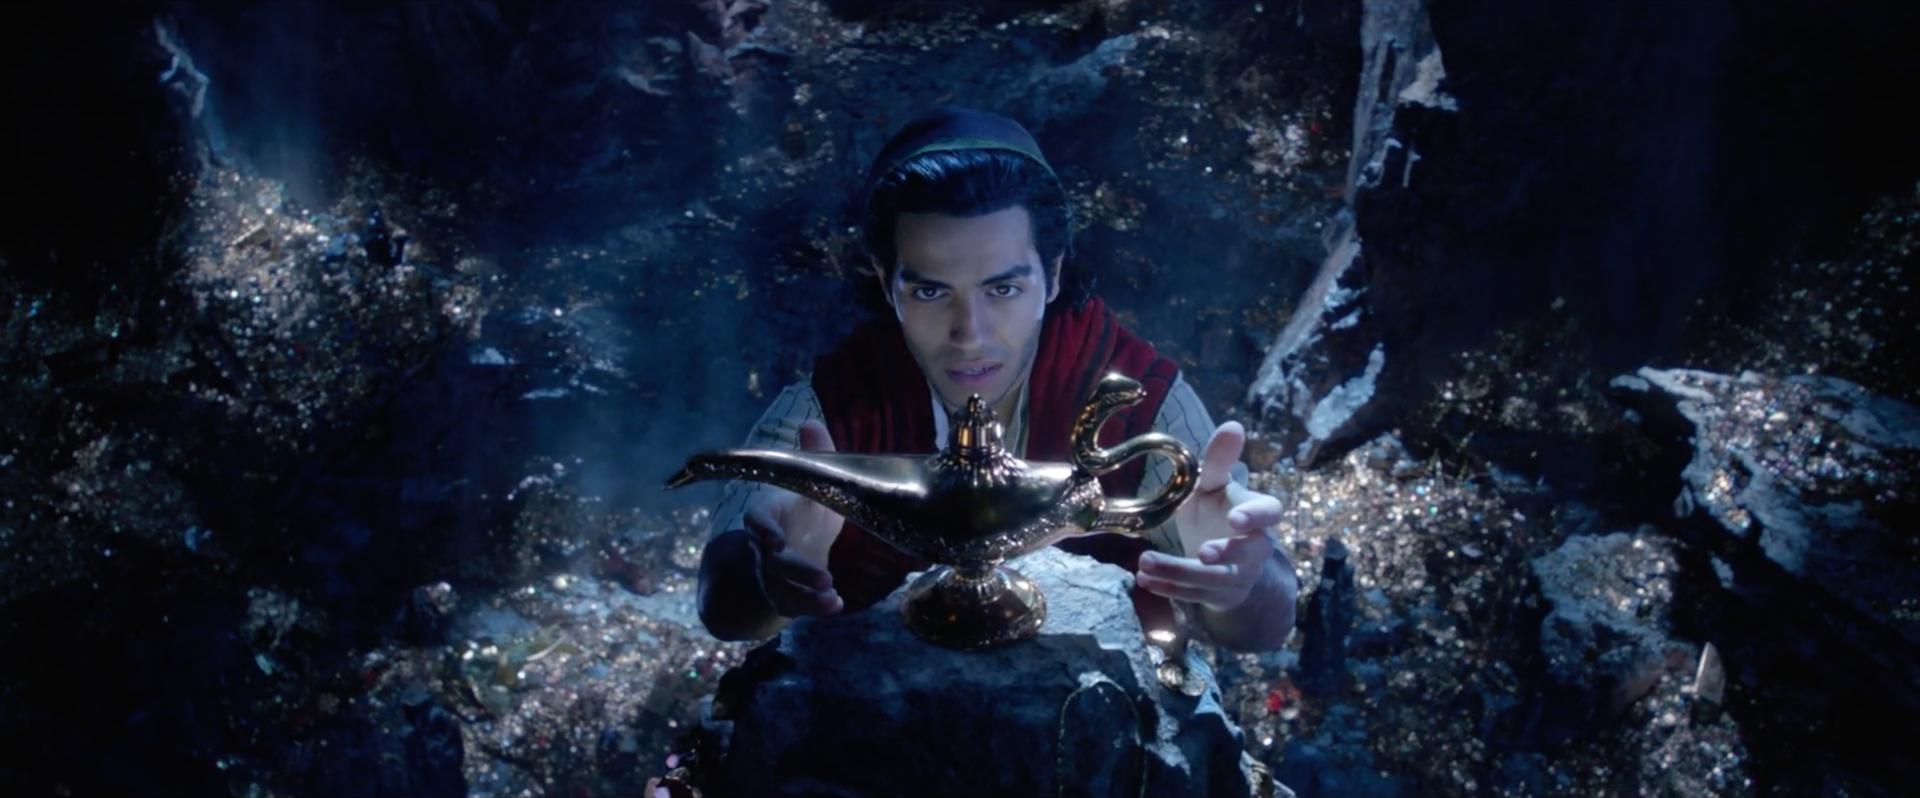 AladdinMovie2019.png